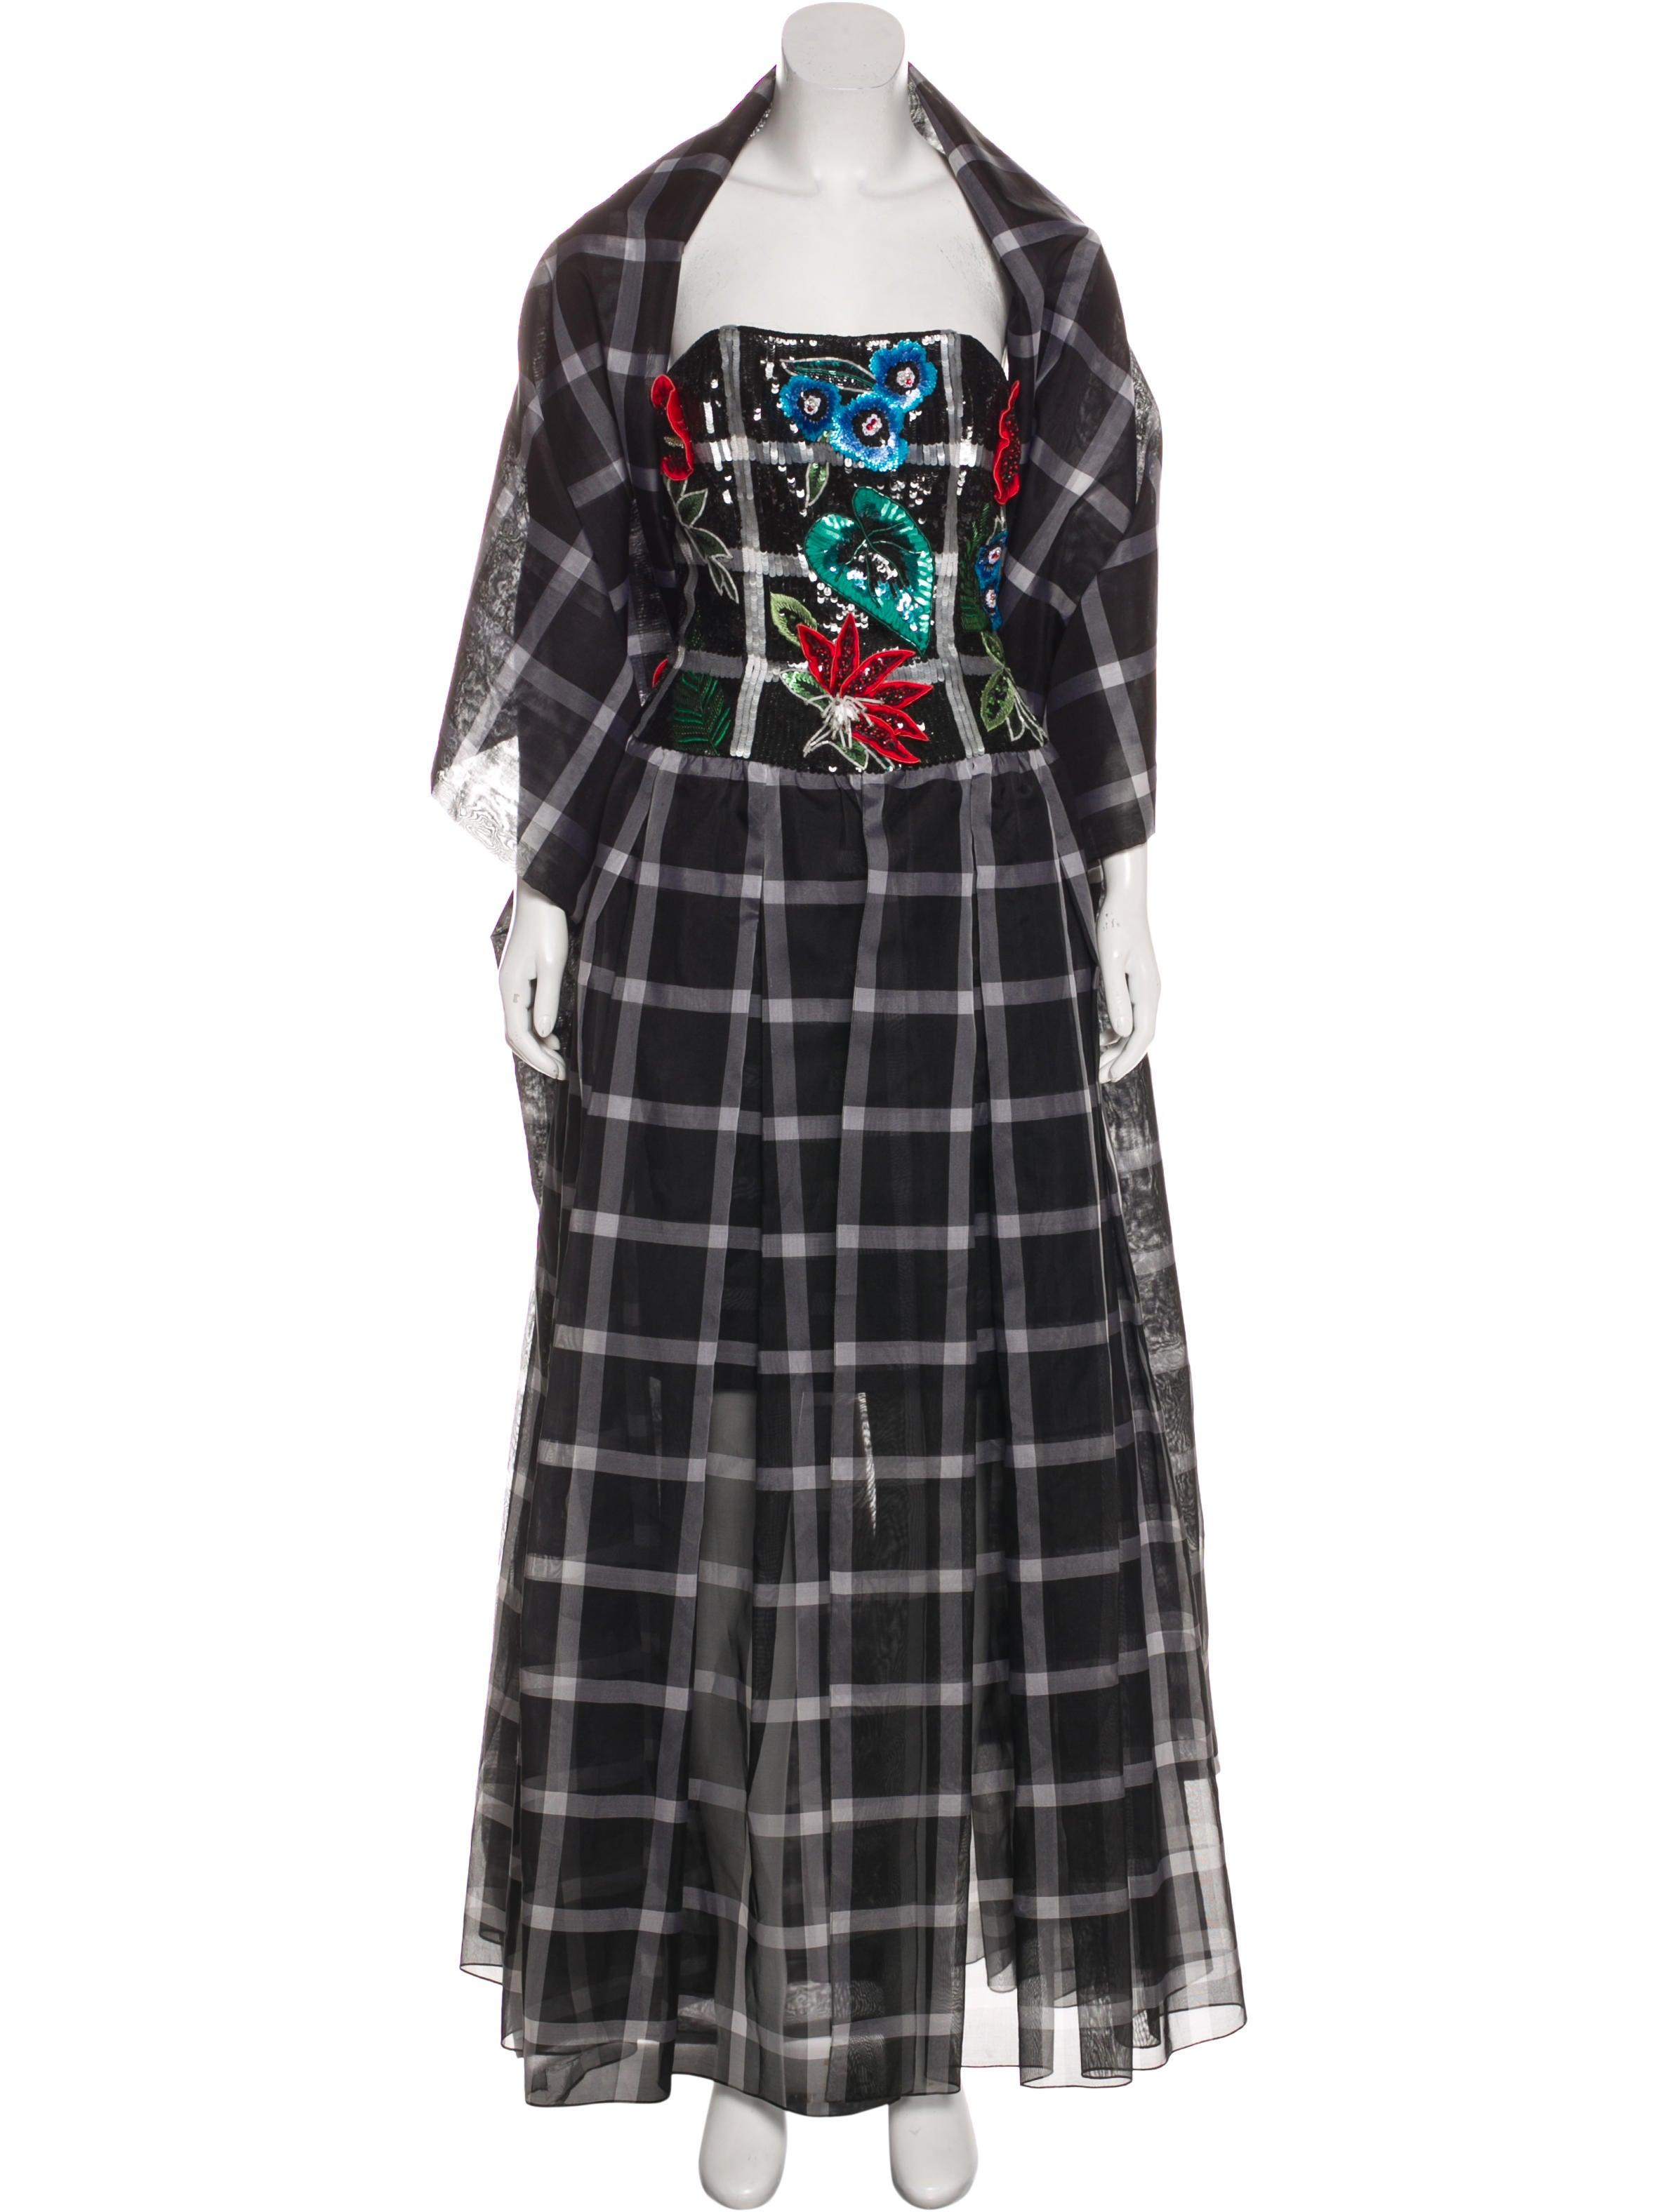 Carolina Herrera Embellished Evening Gown - Clothing - CAO36501 ...